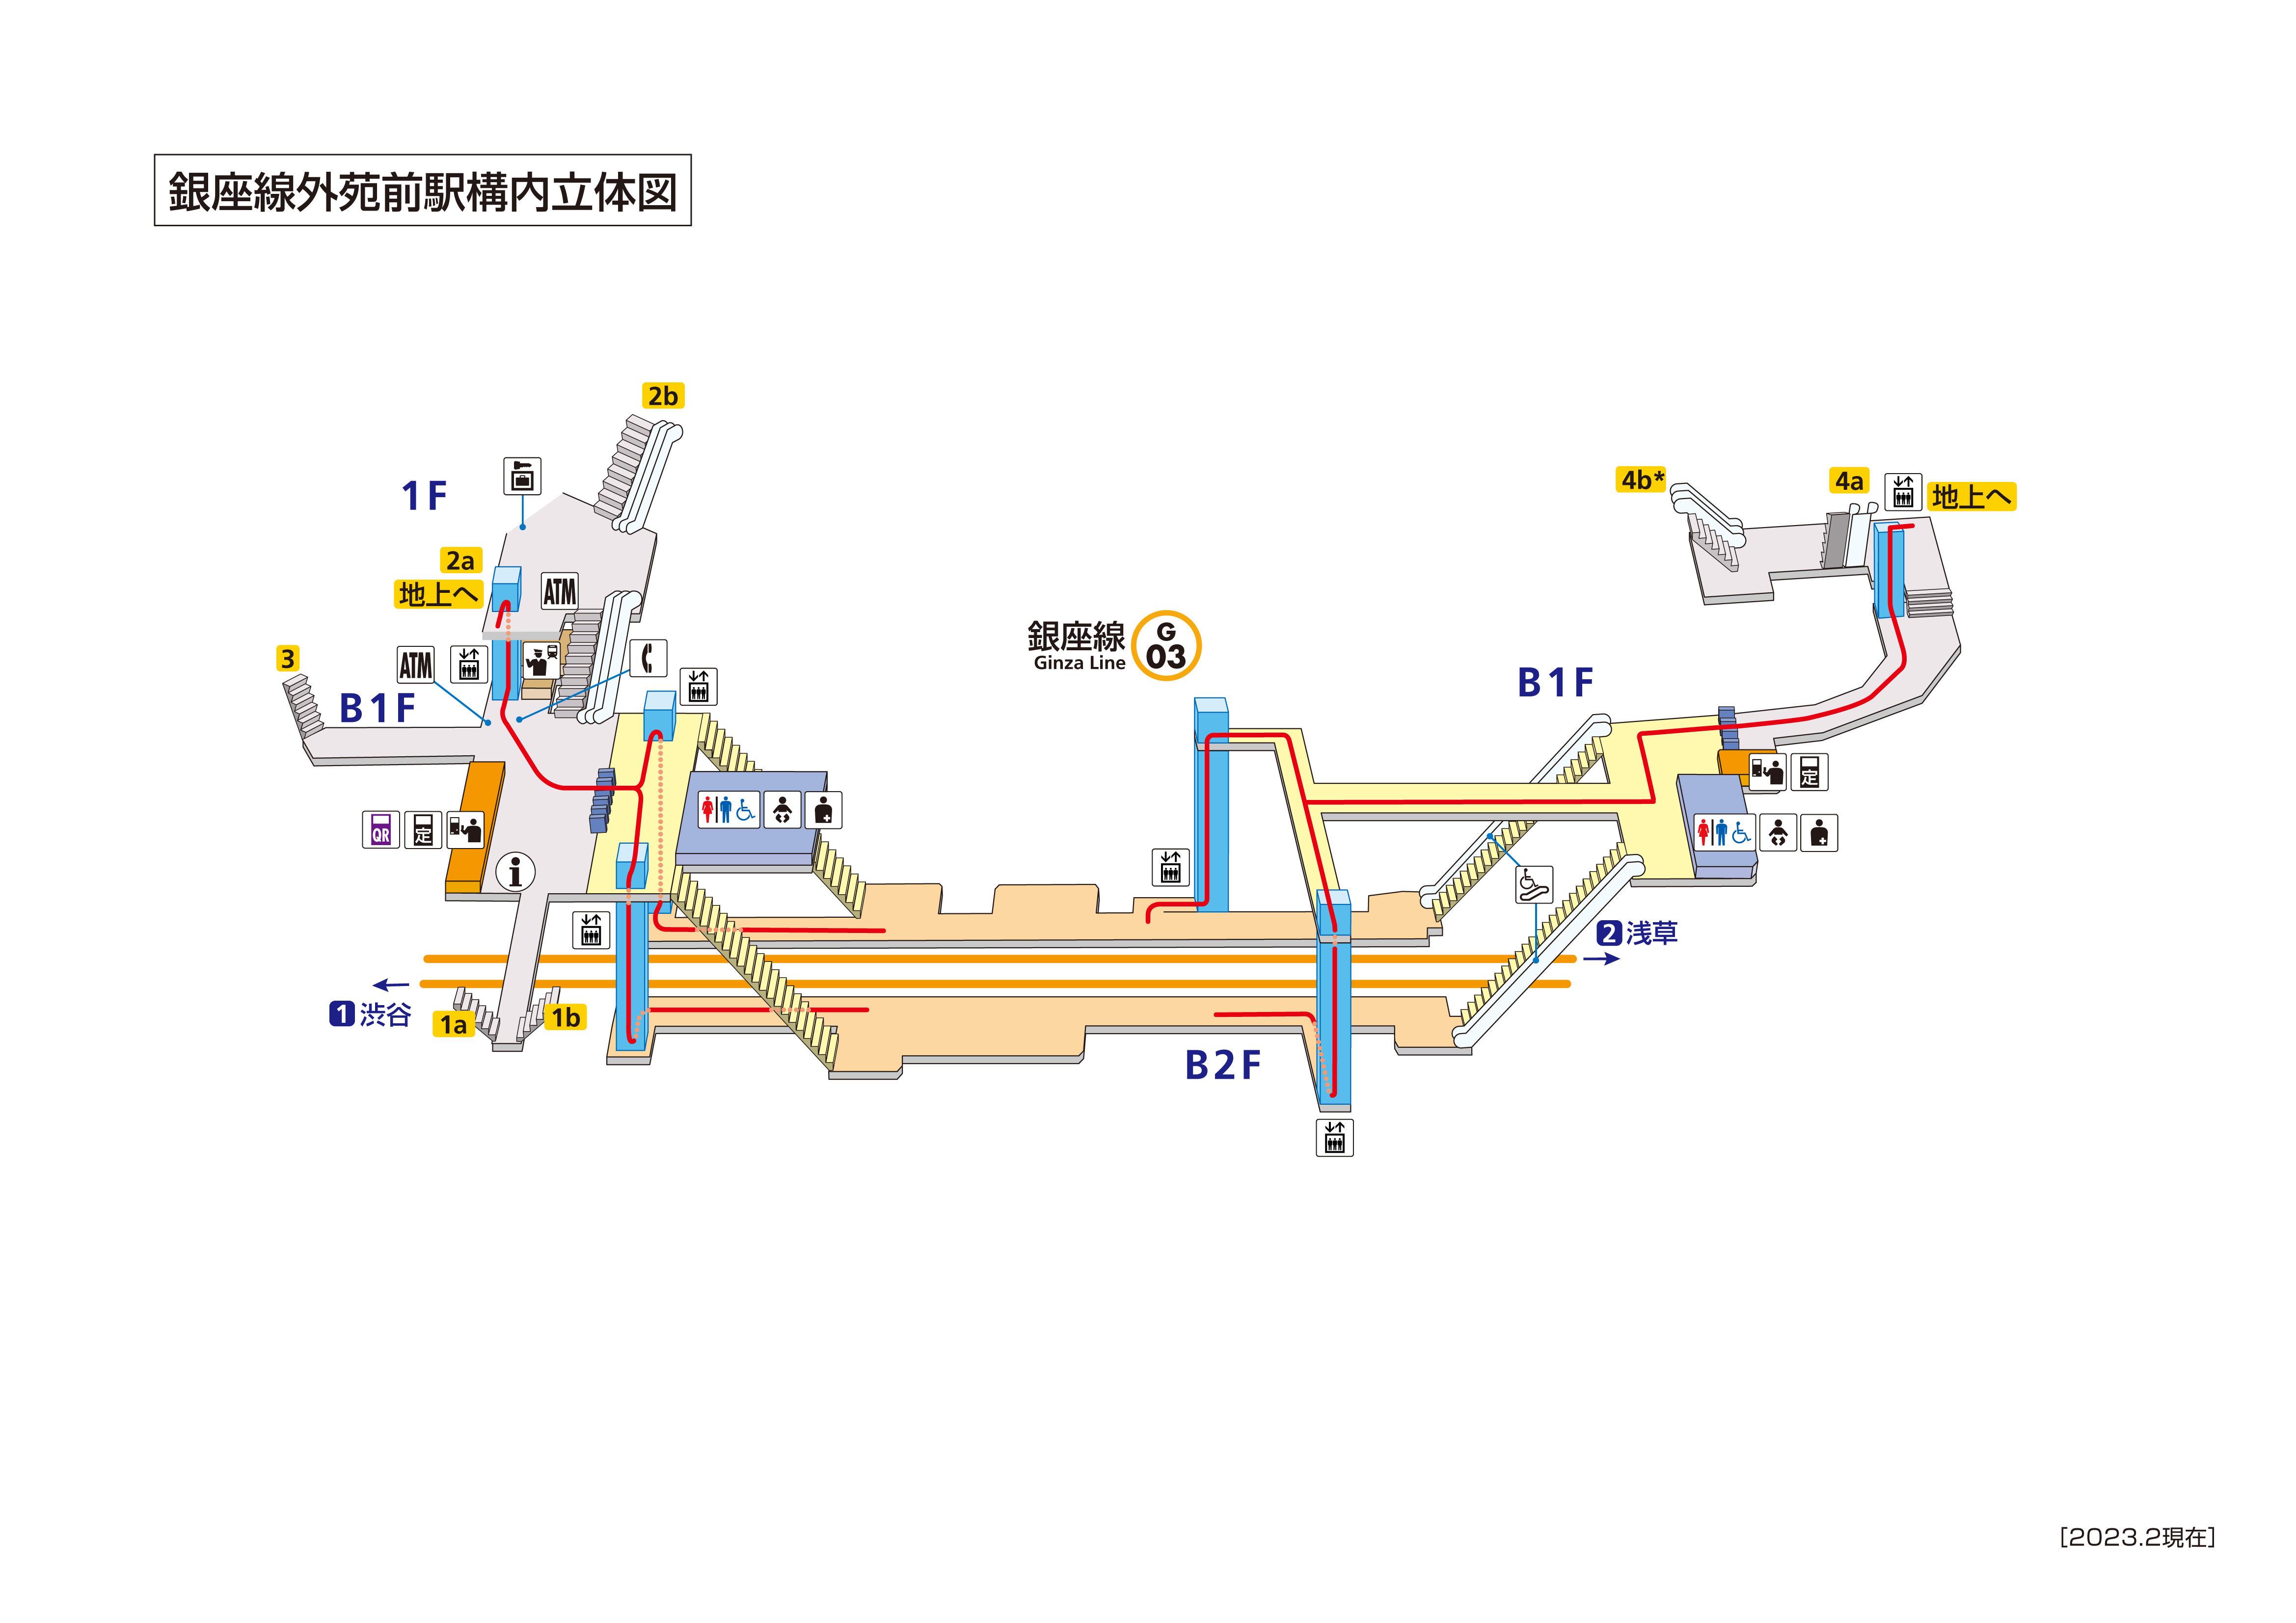 外苑前駅/G03 | 路線・駅の情報 | 東京メトロ